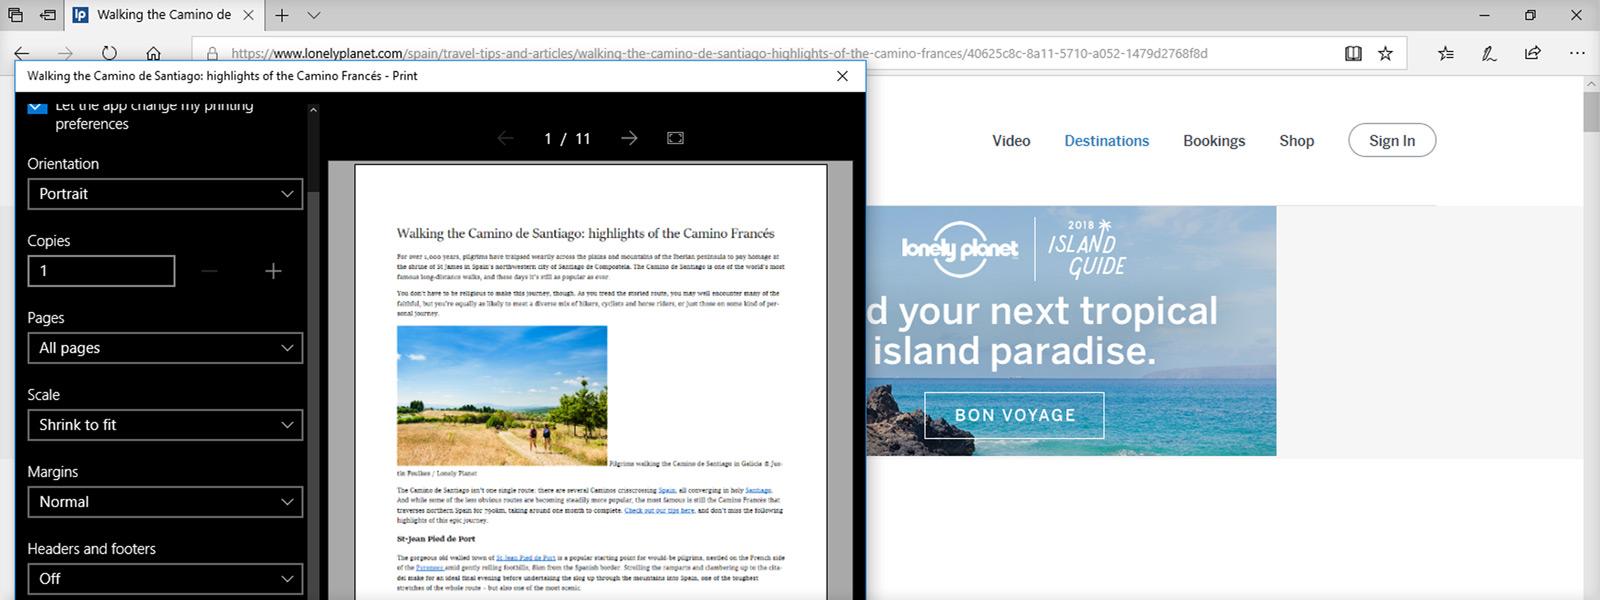 Skärmbild av en utskriftsförhandsvisning i Edge som saknar annonserna på en given webbsida